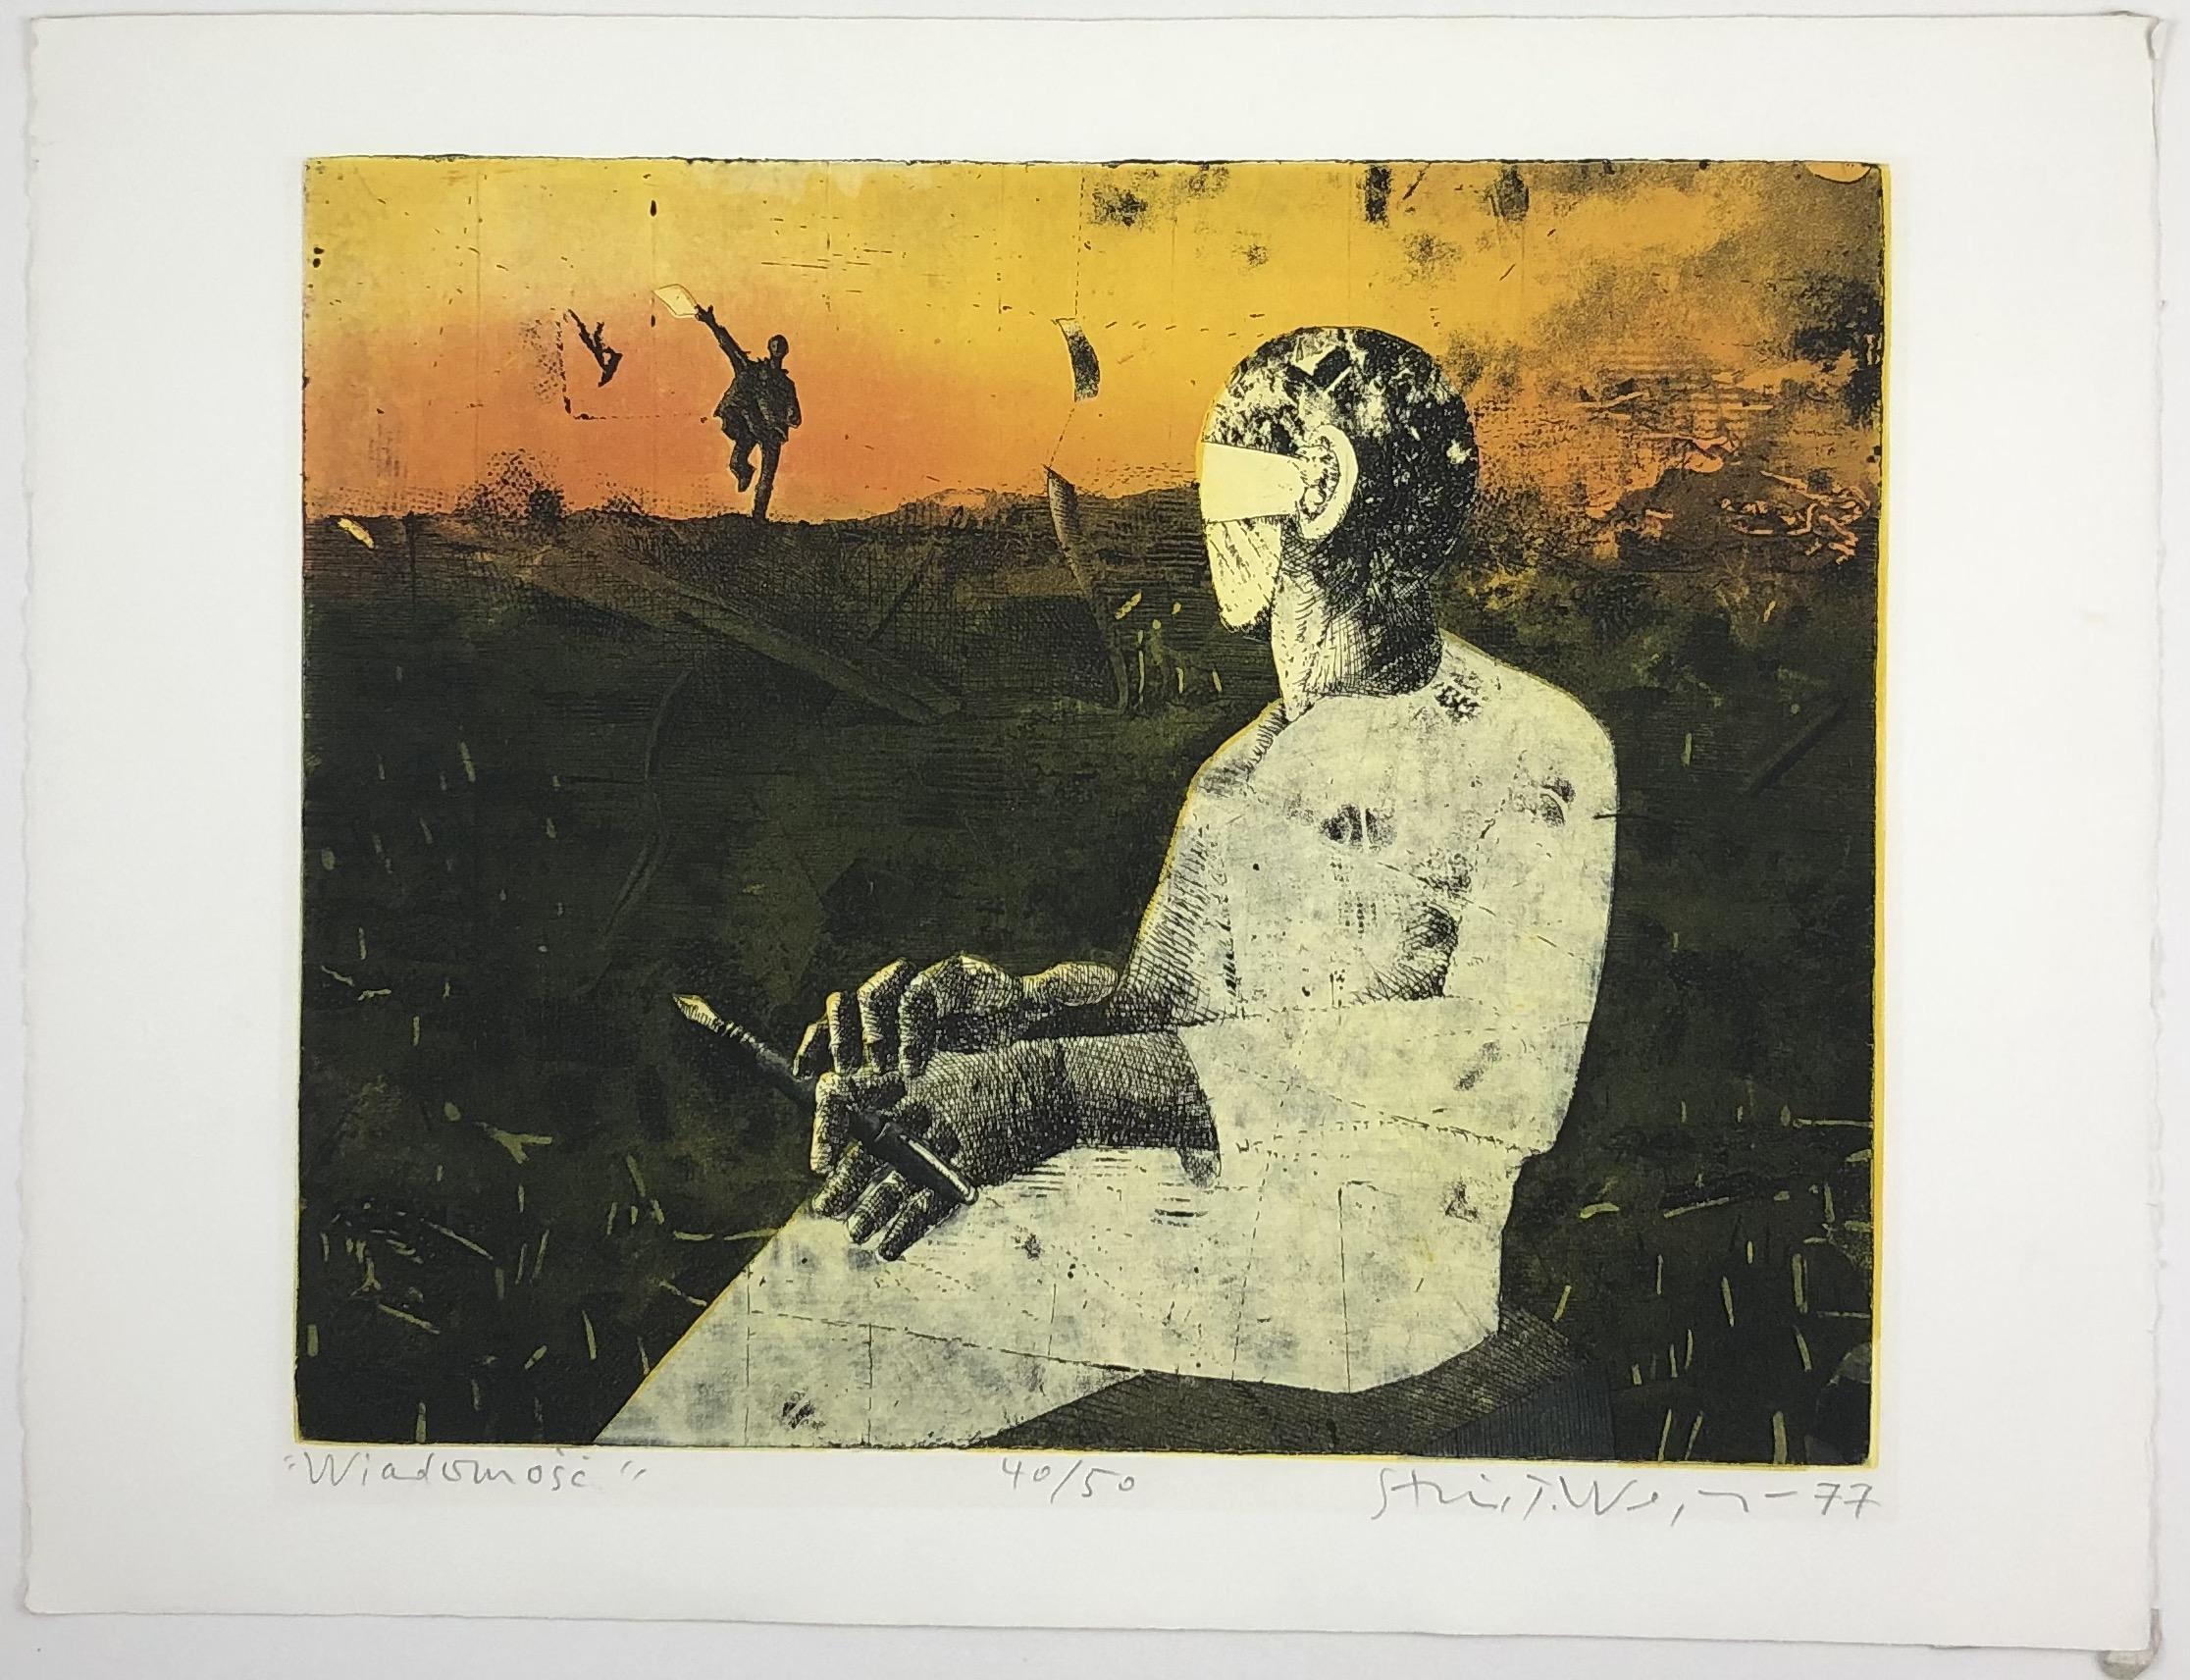 Wiadomość, 1977